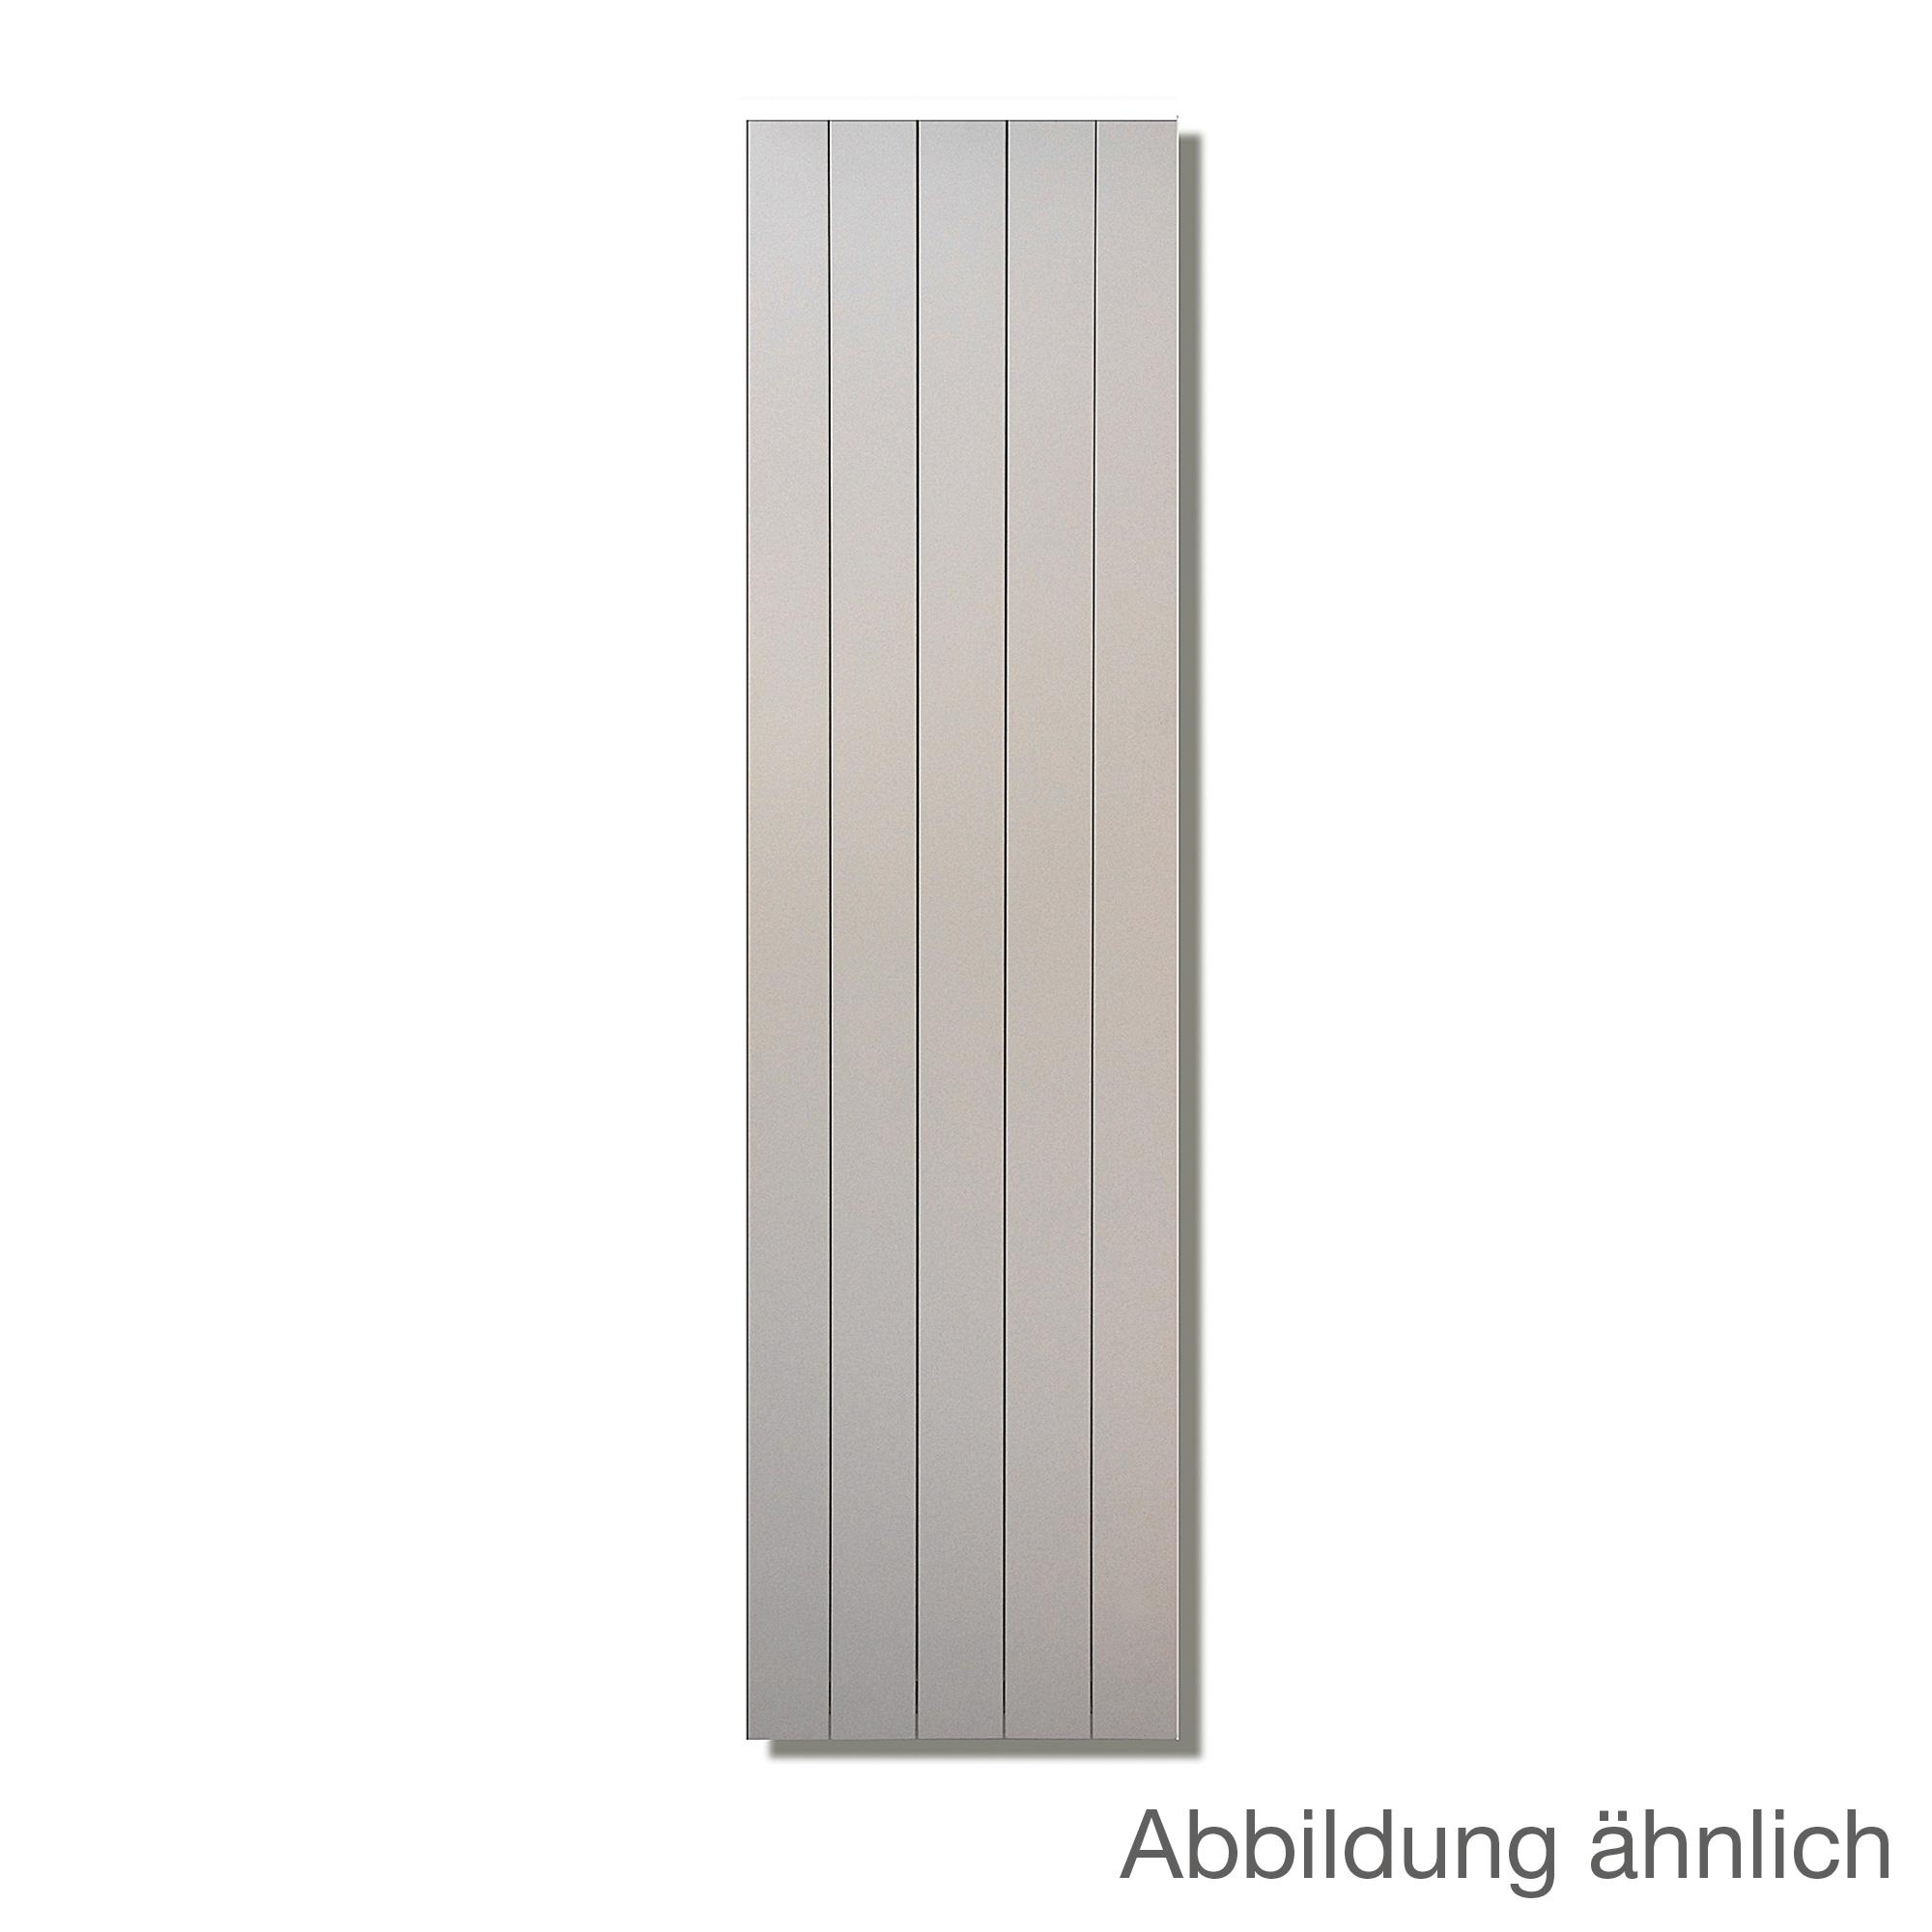 vasco zaros vertikal v75 heizk rper h he 2000 mm wei breite 375 mm 5 rohre 1403 watt. Black Bedroom Furniture Sets. Home Design Ideas